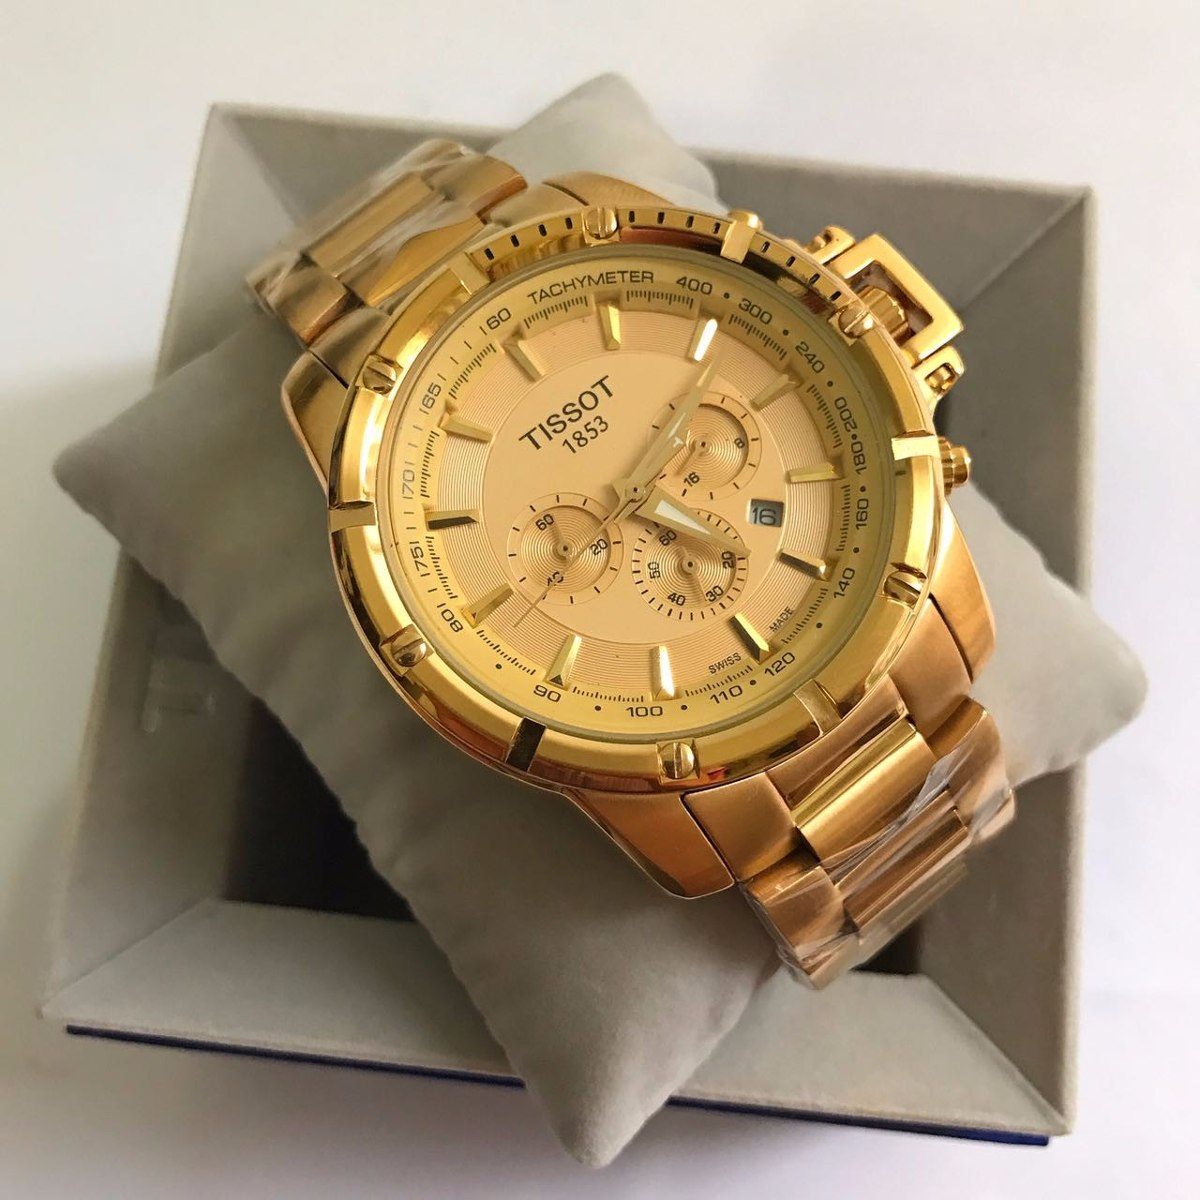 4716fcefa06 Relógio Tissot 1853 Quartz Dourado Mostrador Dourado Aço - R  600